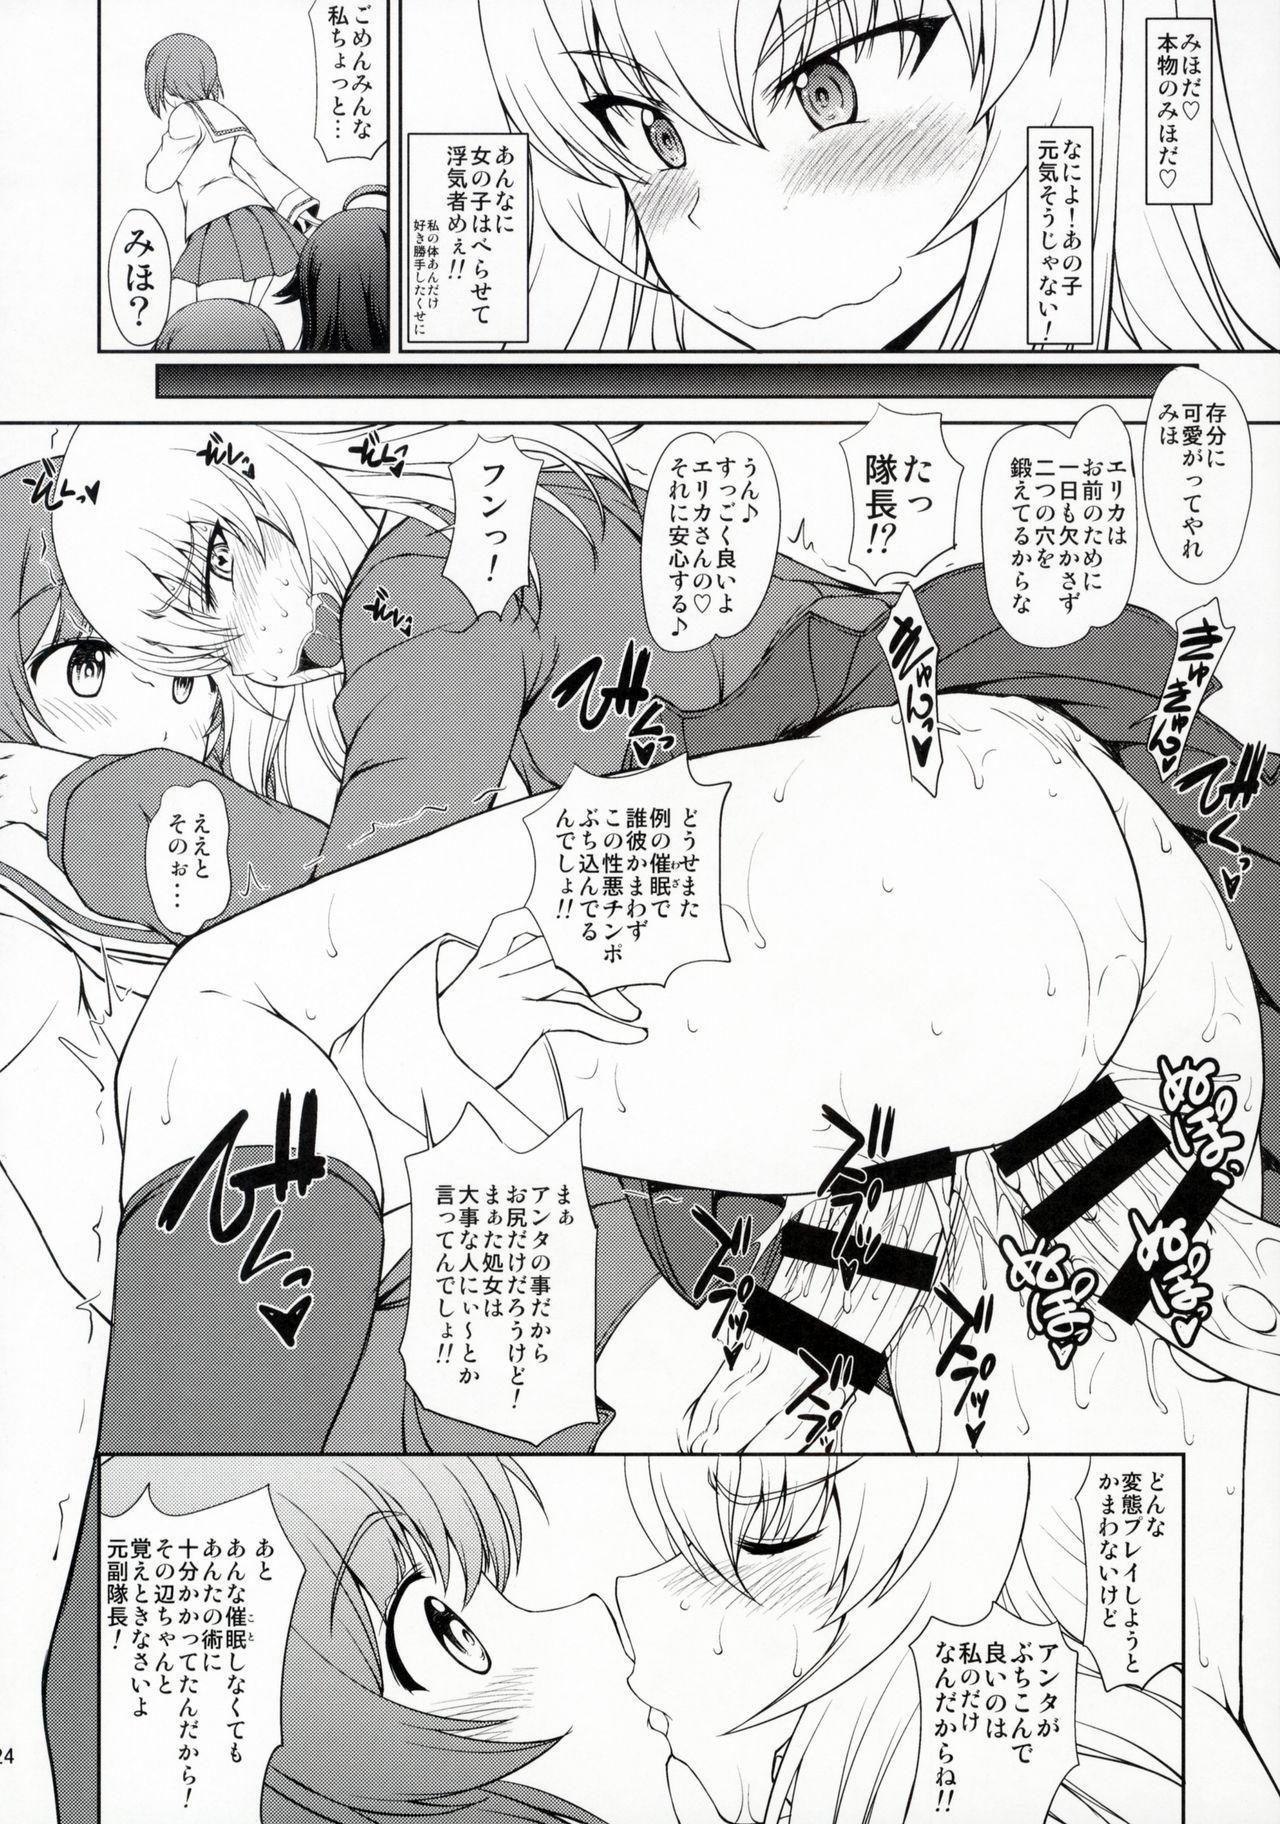 Maware! Amaki Sasayaki No Mugen Kidou 22